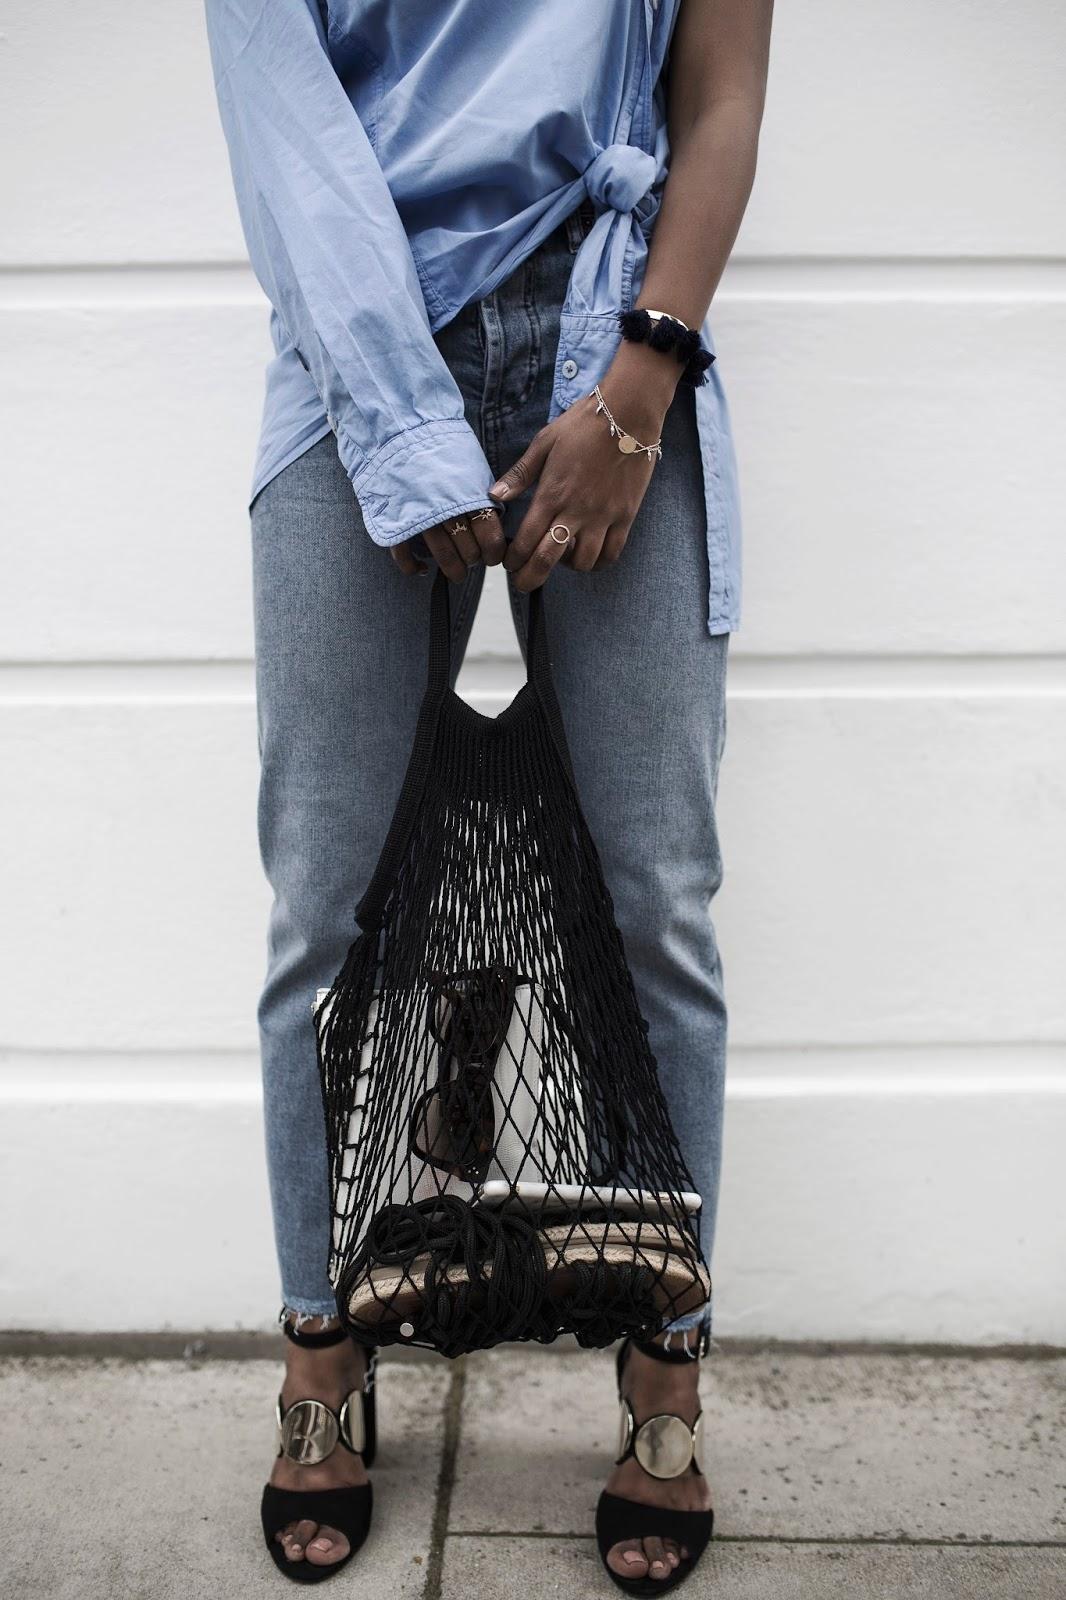 bolsa de red o net bag cómo llevar